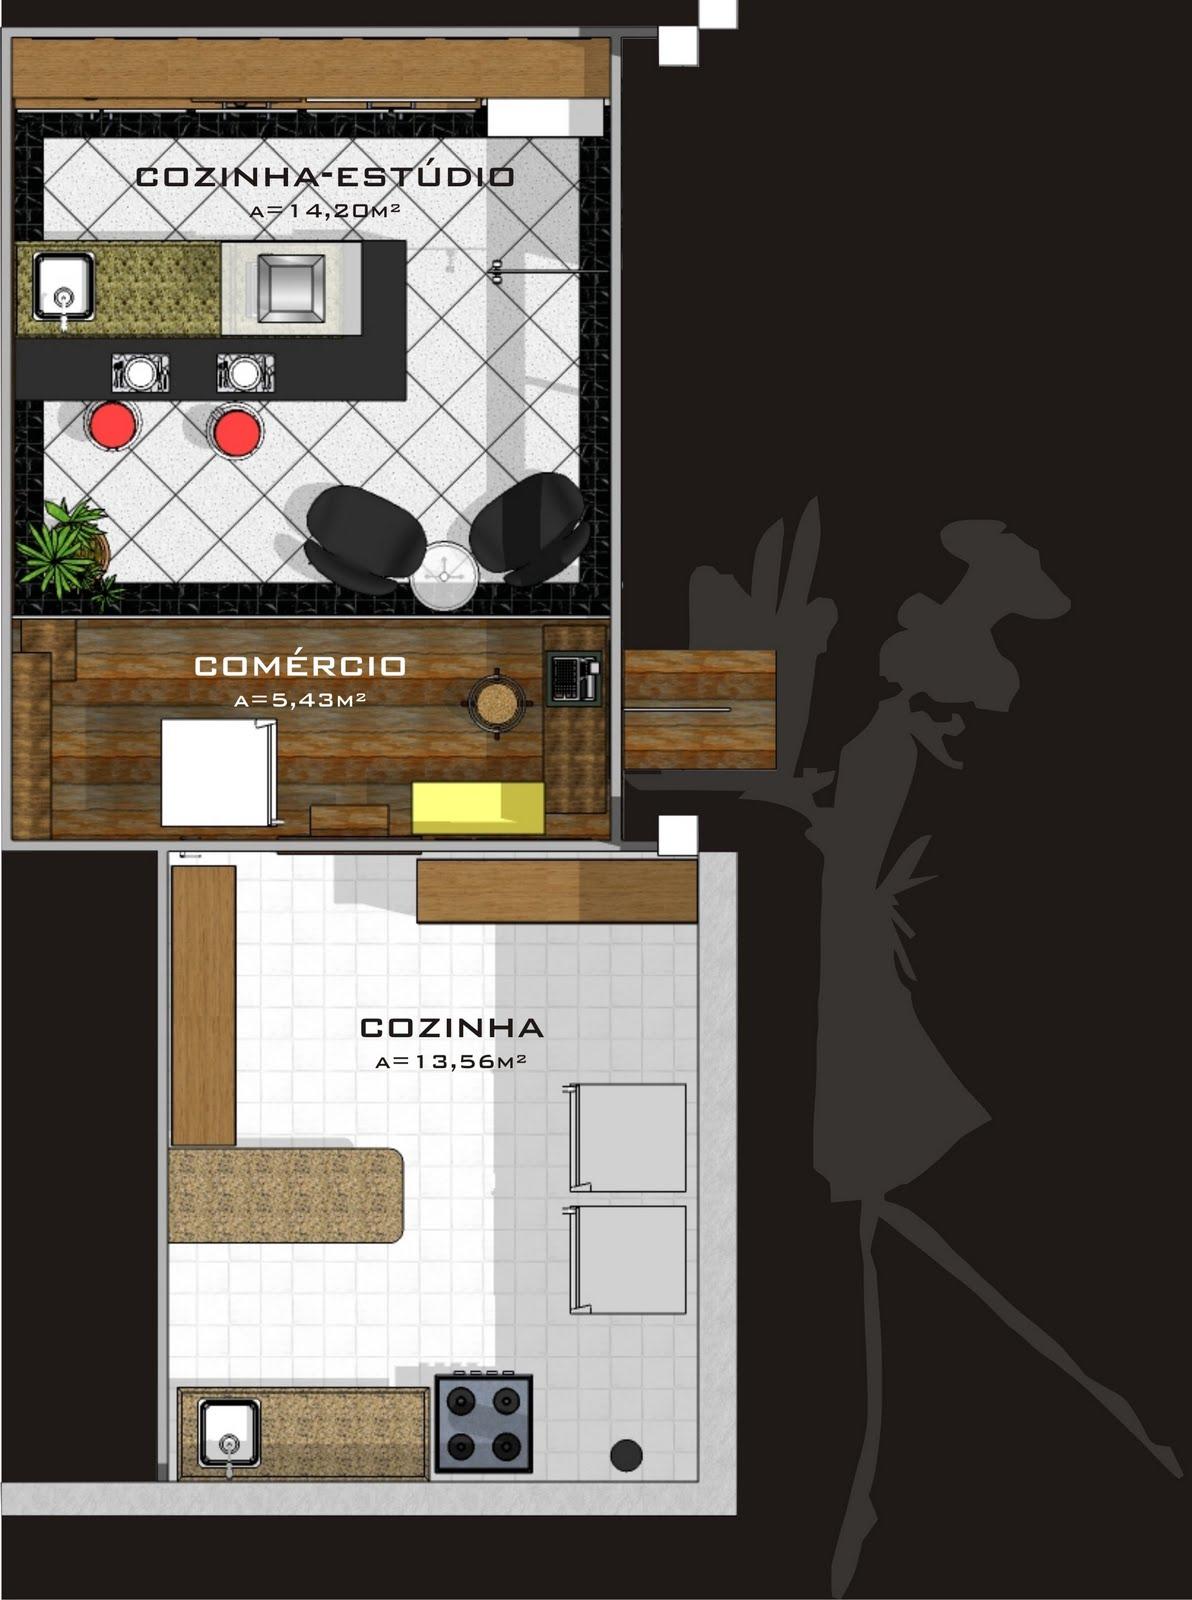 Forma e Design Estúdio de Arquitetura: Fenadoce 2008 #BF0D0C 1192 1600